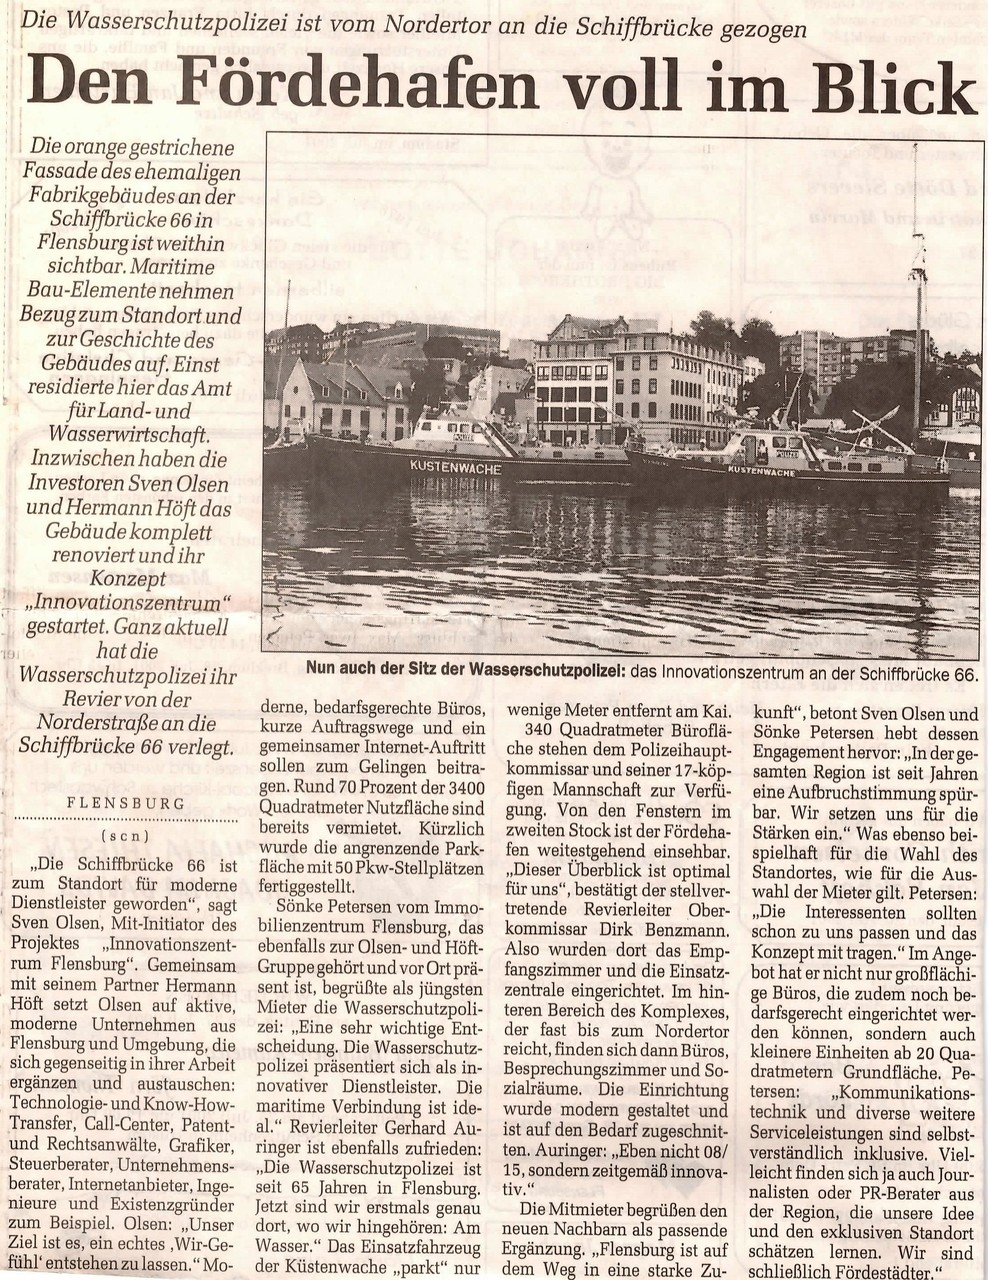 Flensburger Tageblatt vom 18. Juli 2001